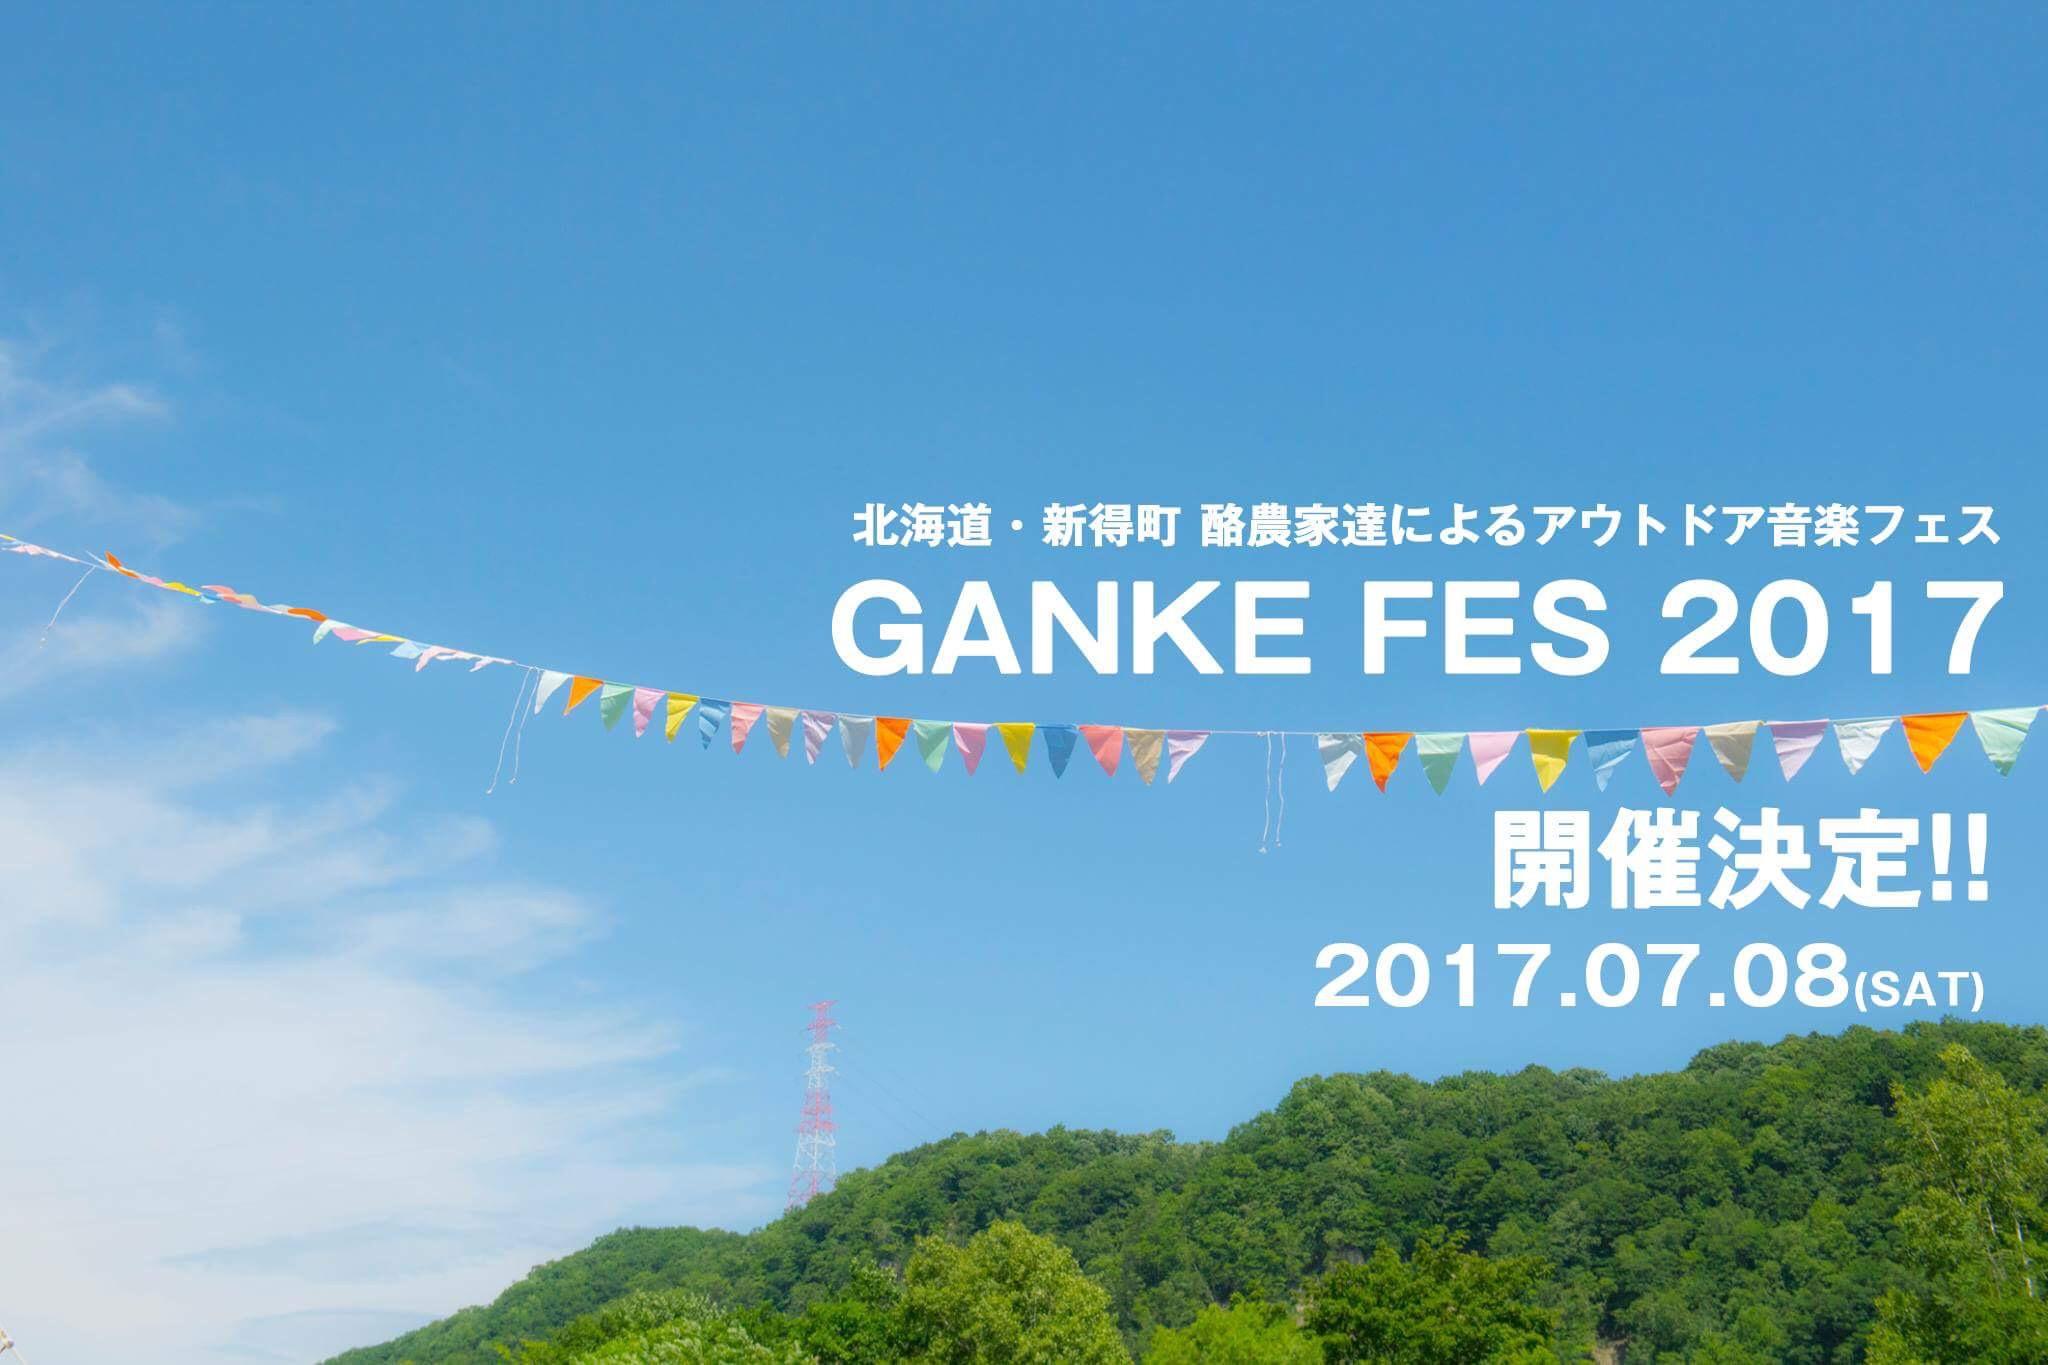 GANKE FES 2017